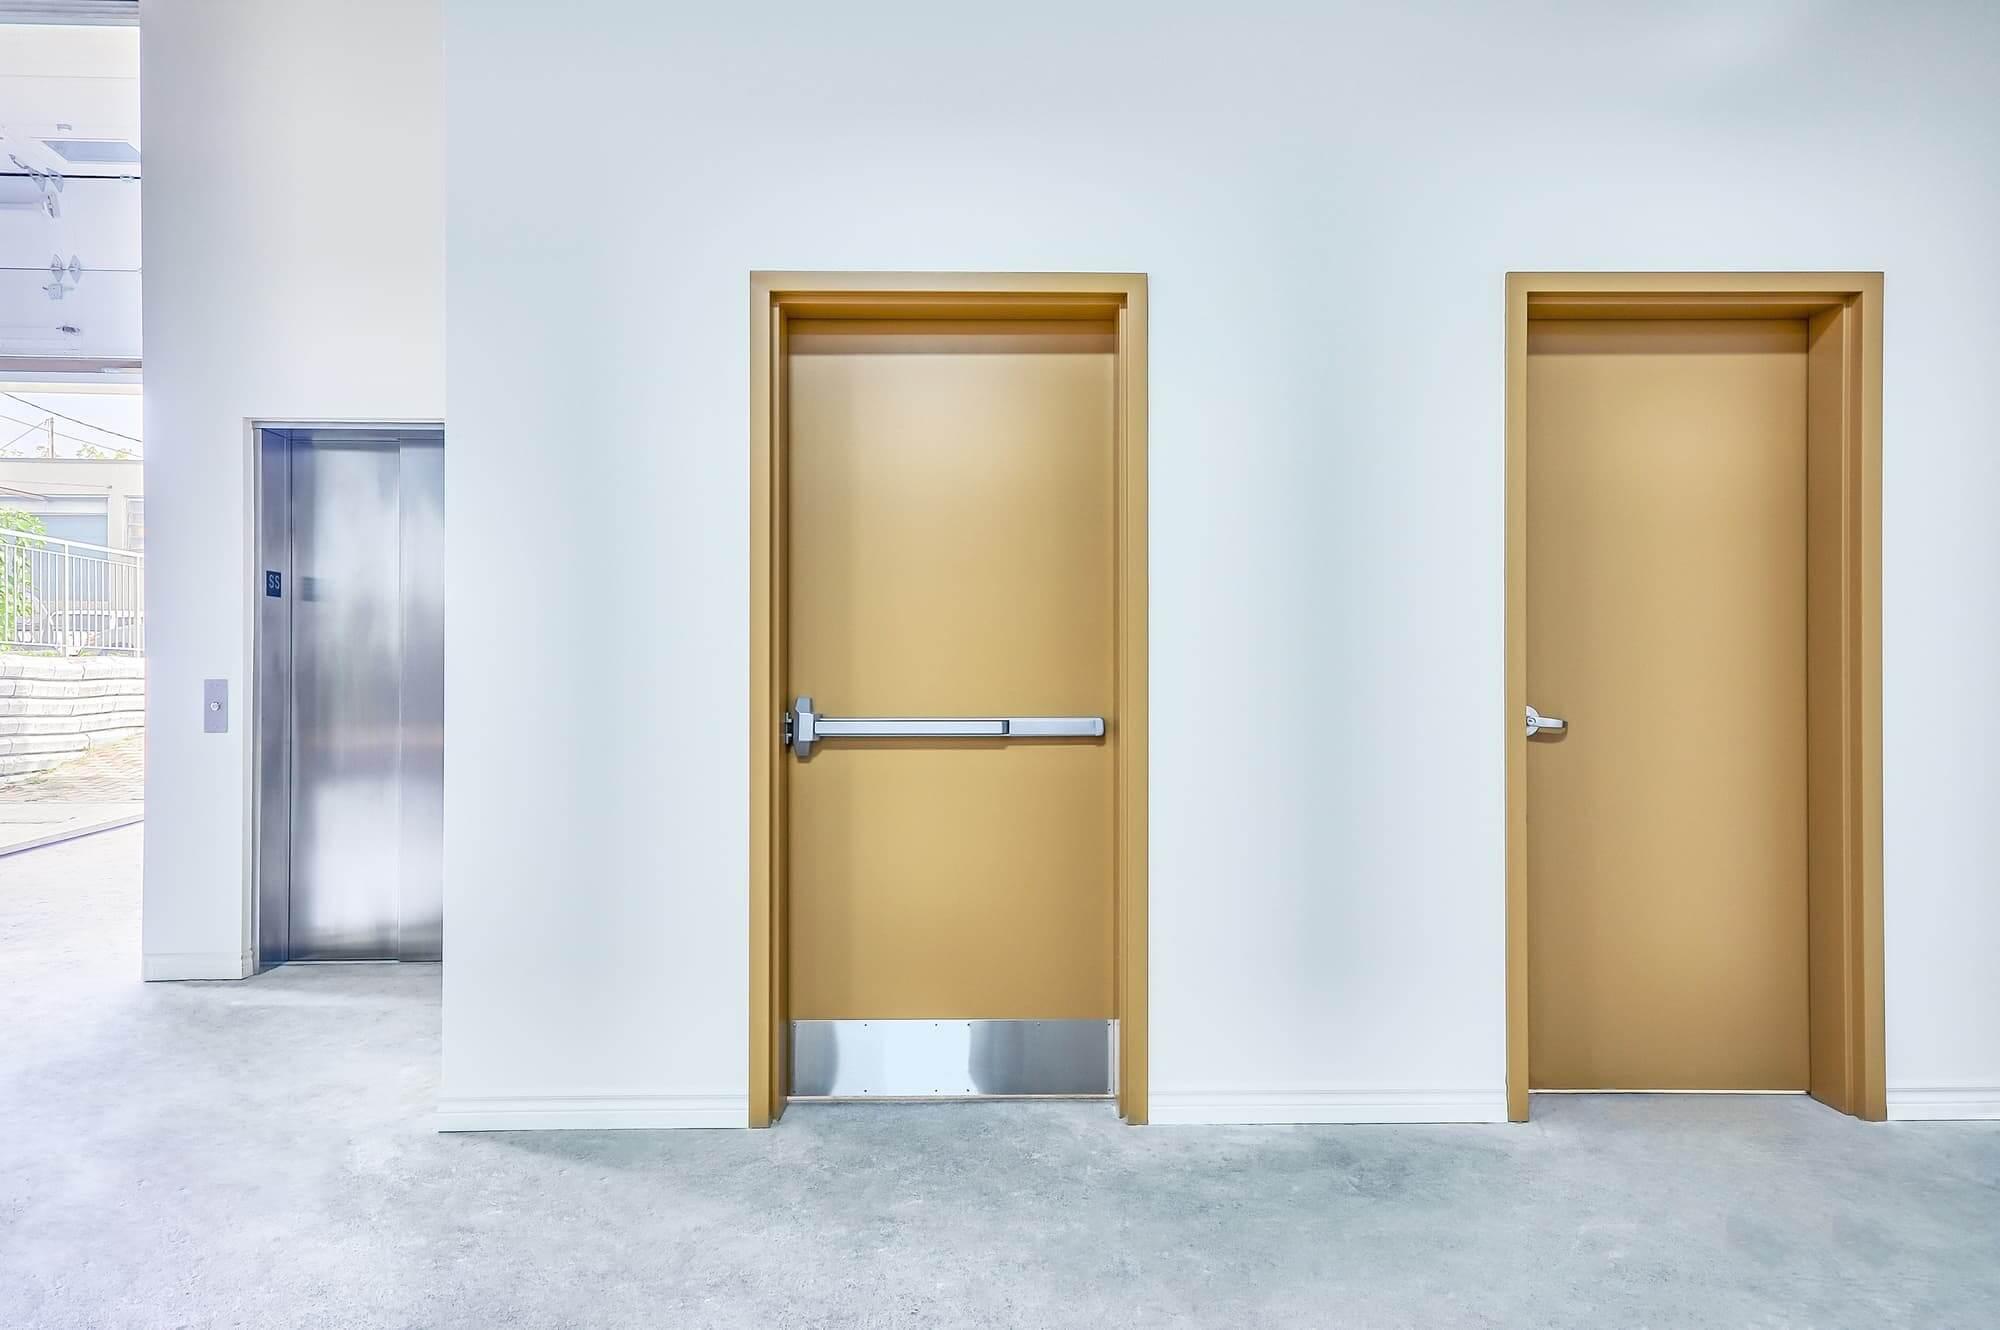 Ascenseur commercial avec porte en stainless + 2 portes jaunes dans la pièce